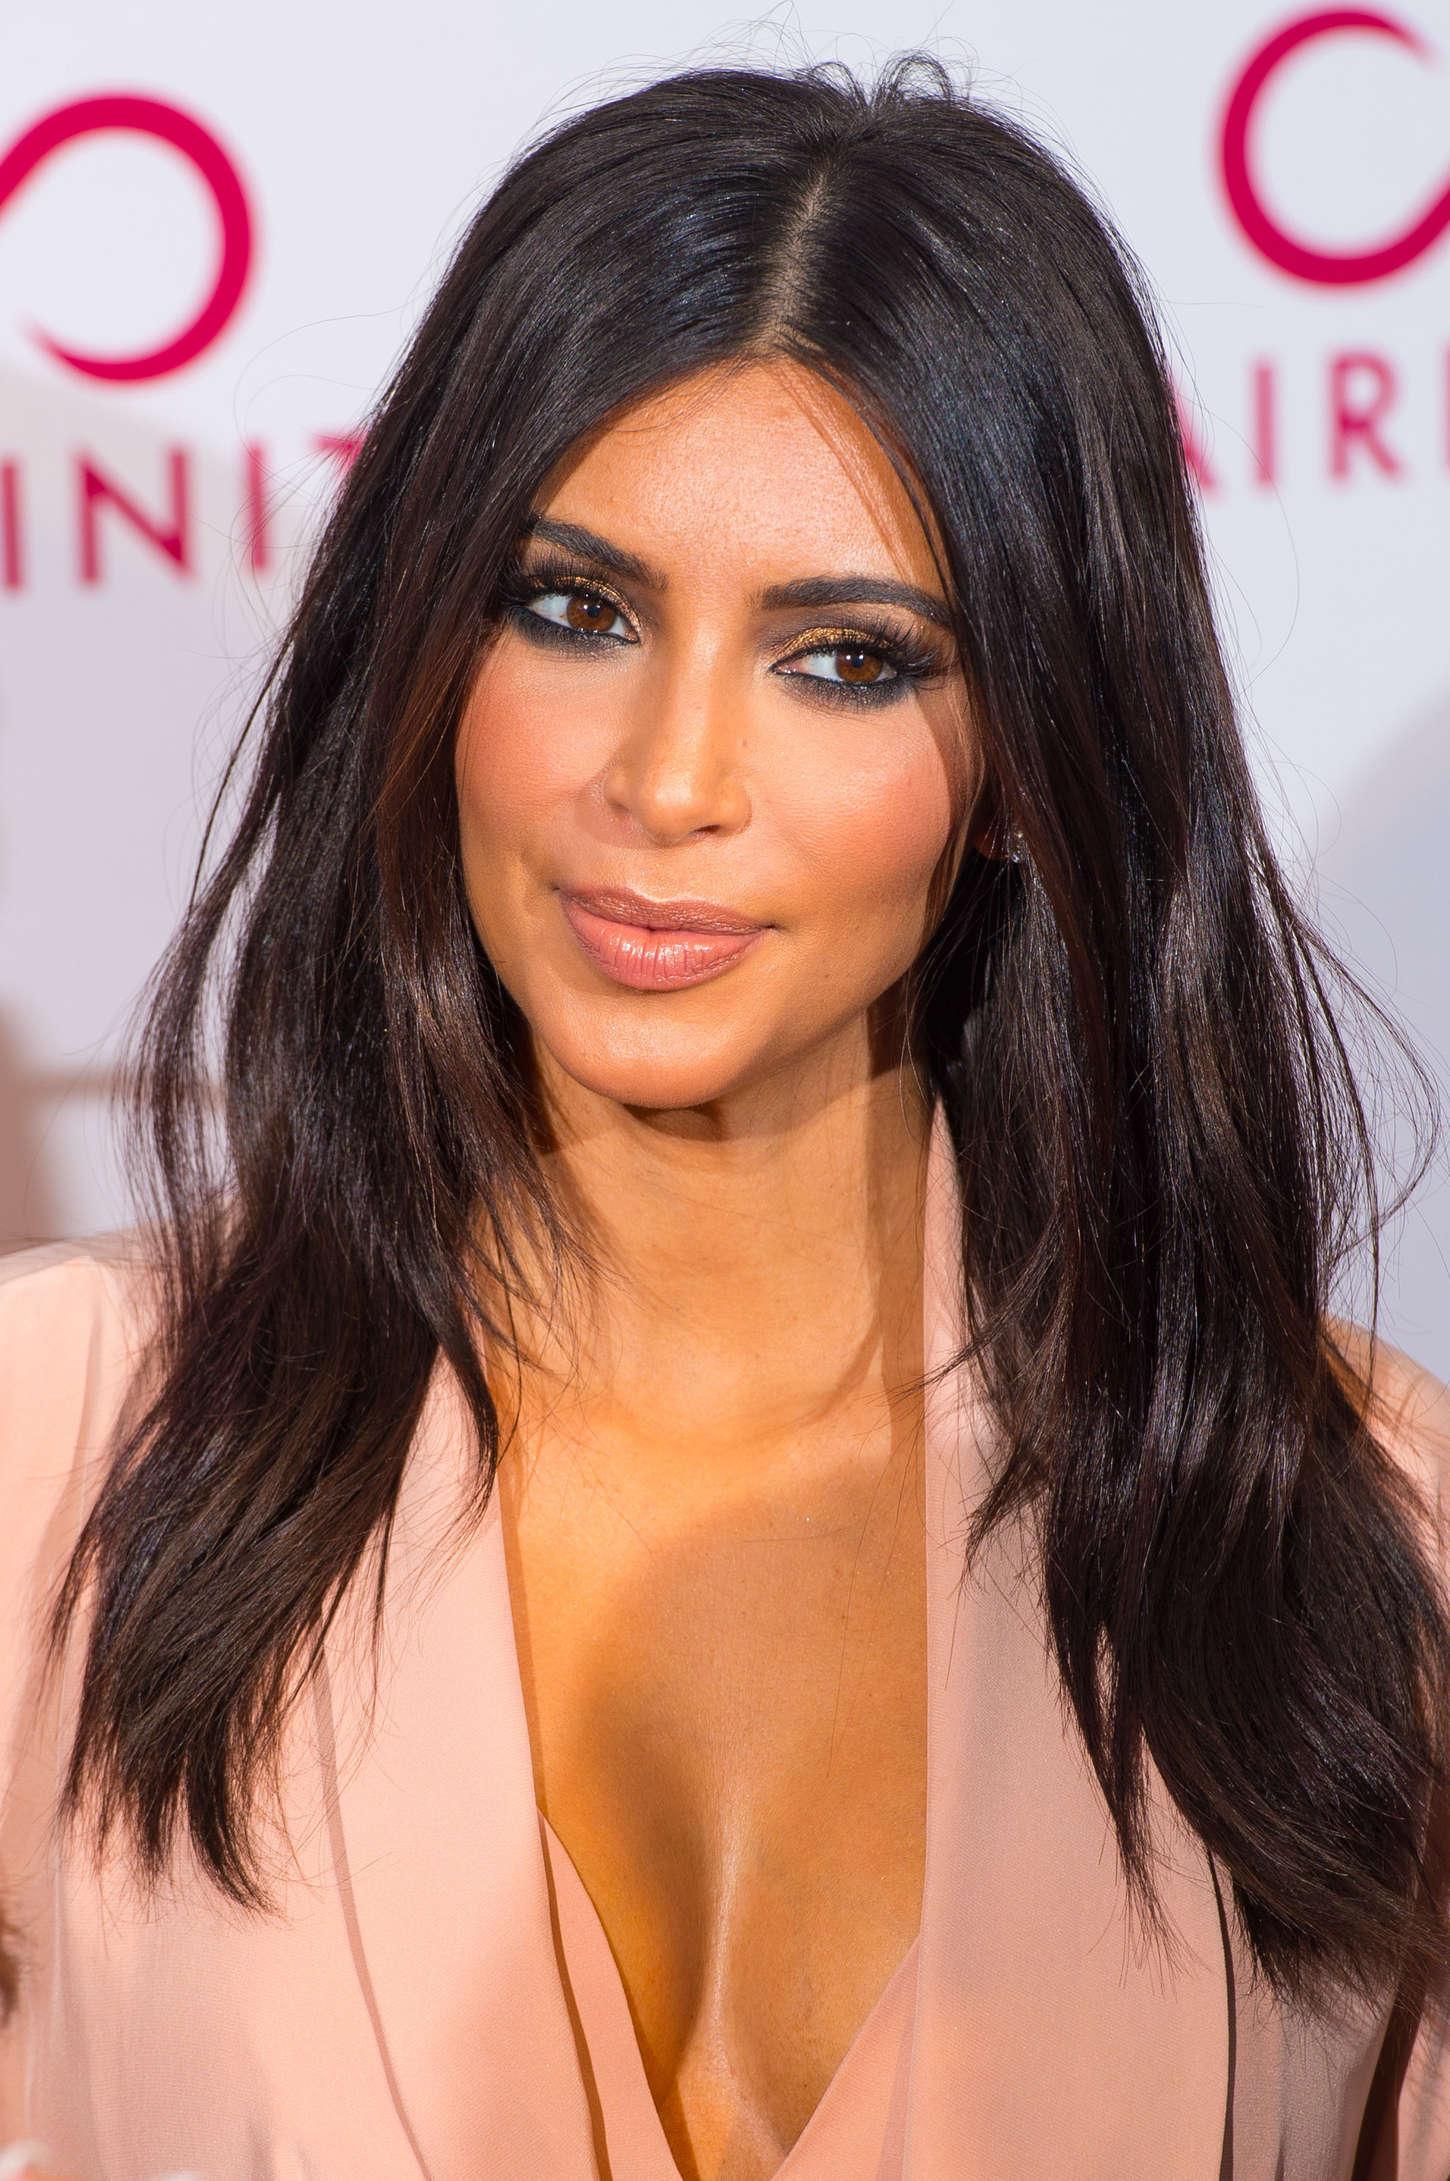 foto 23. Kim Kardashian